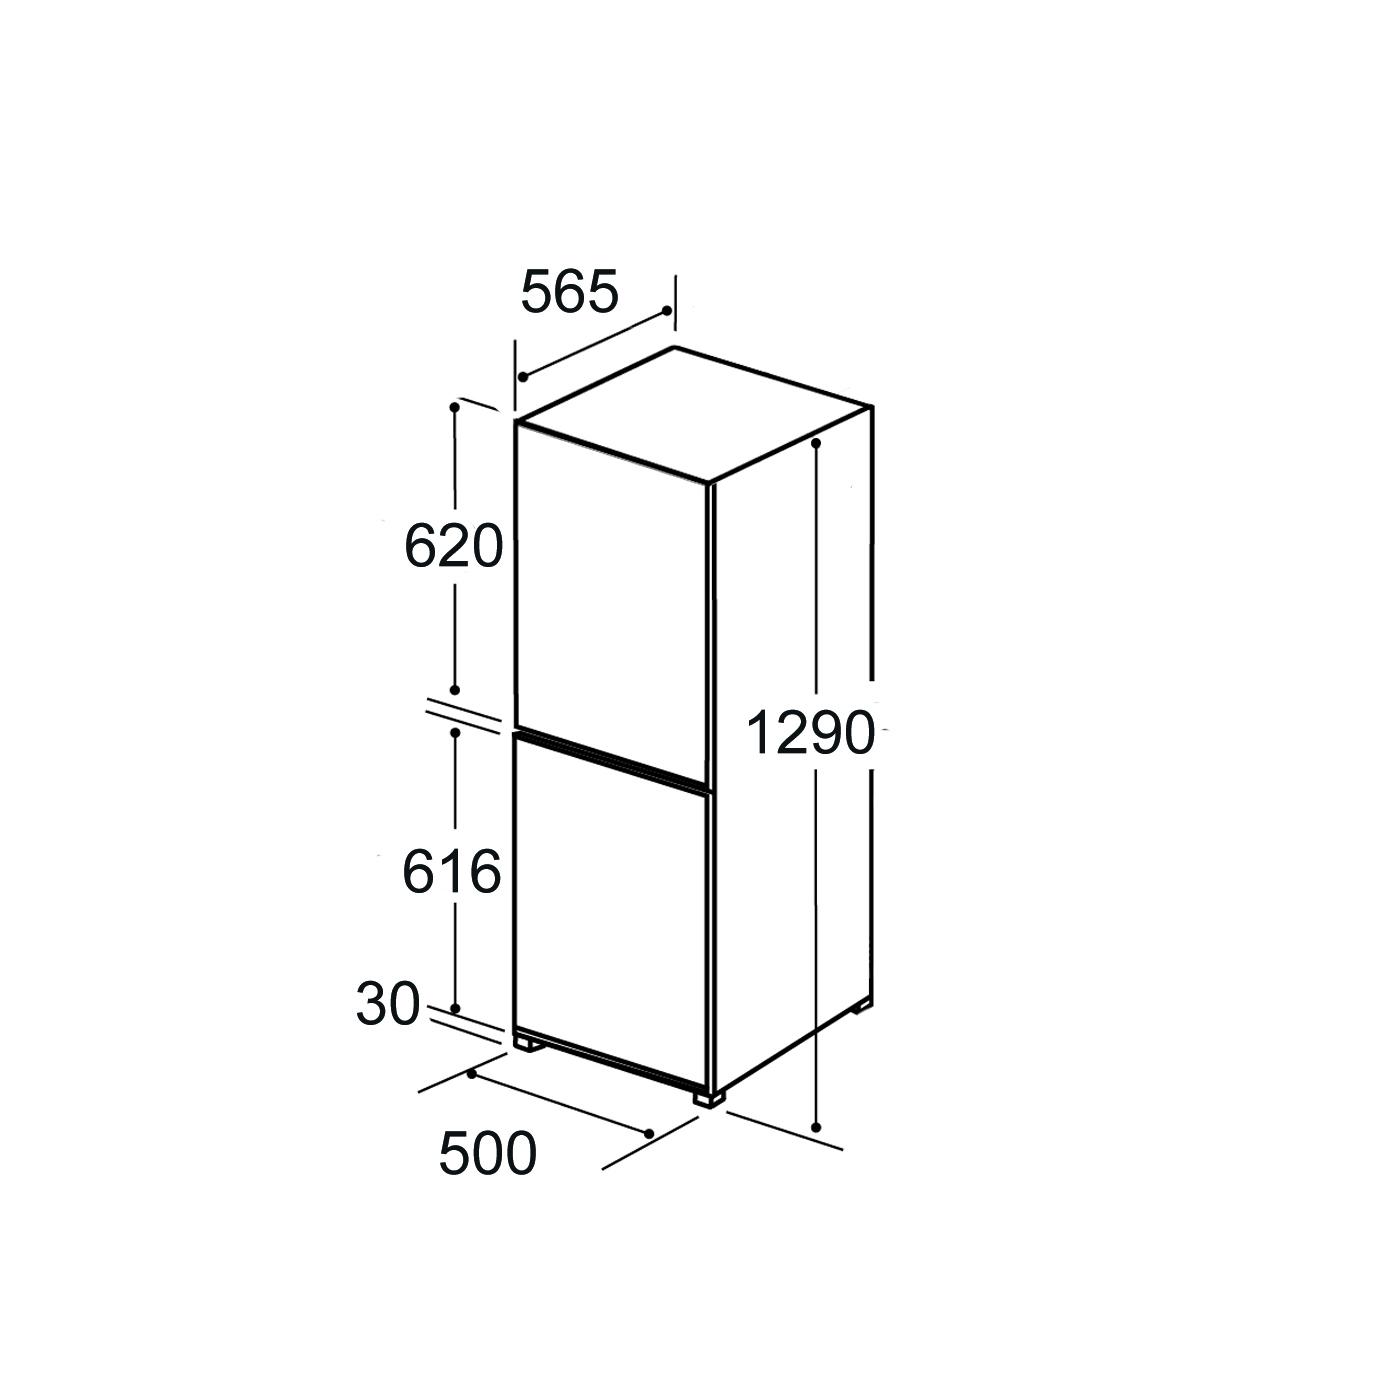 FK1964 50cm freestanding 50/50 fridge freezer, white Alternative (0)